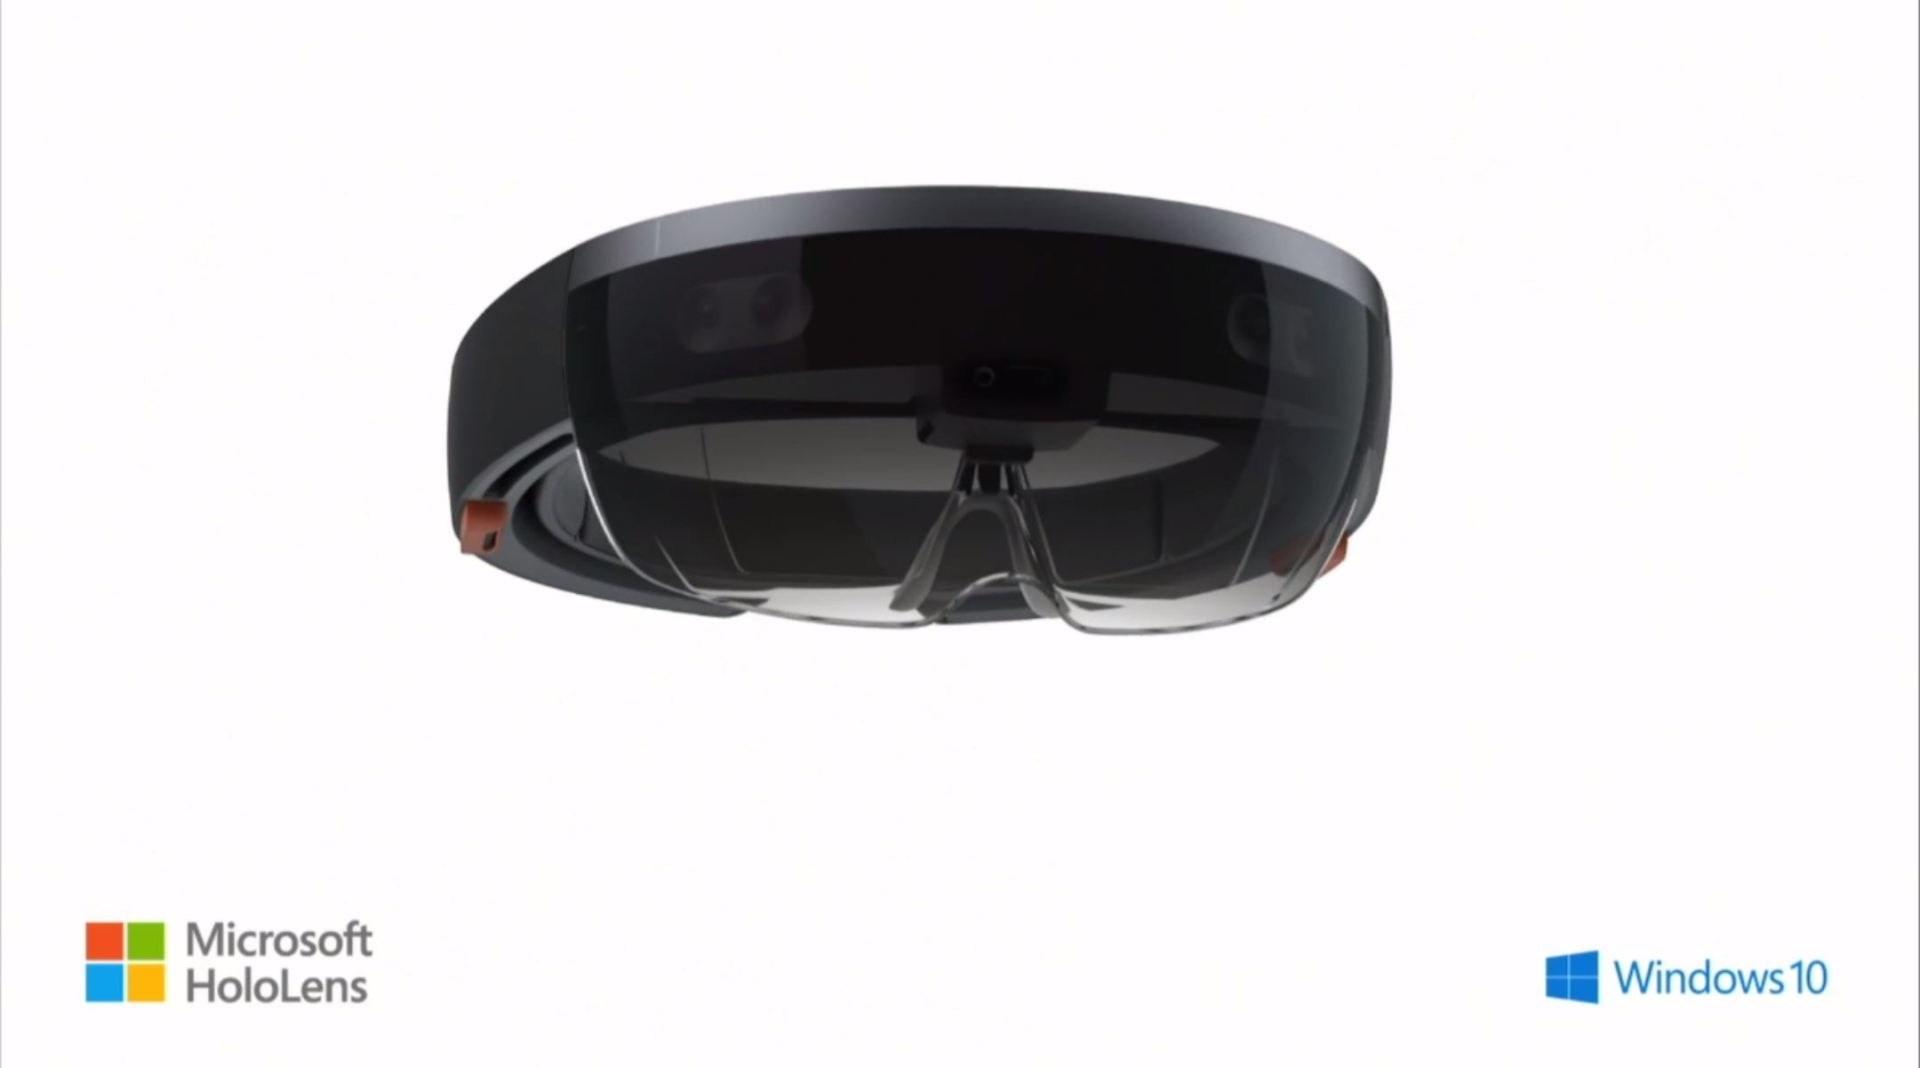 Erste Eindrücke von HoloLens: Die Tester sind schwer begeistert